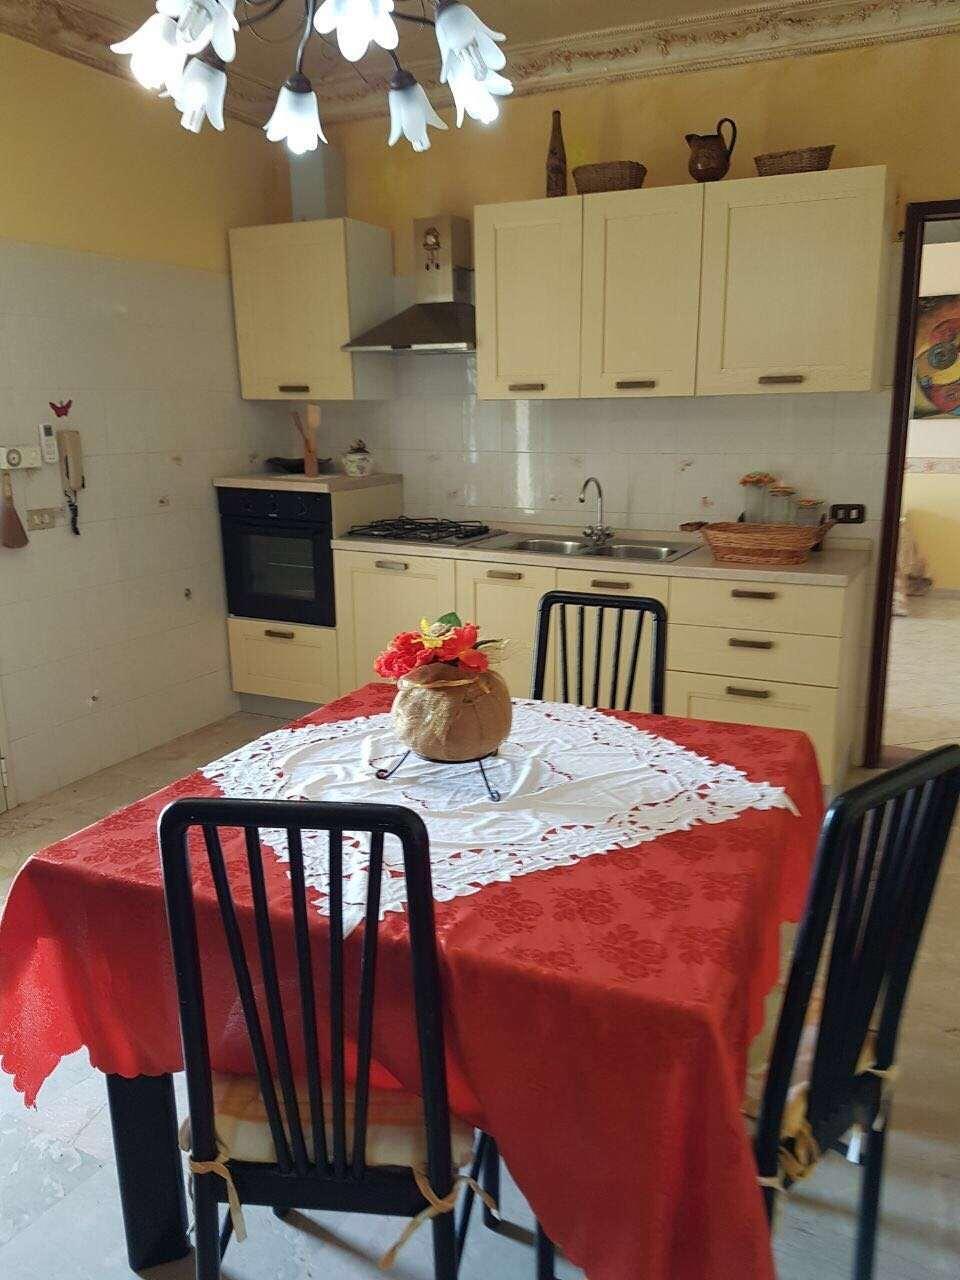 Immobile Turistico in affitto a Petrosino, 5 locali, Trattative riservate | CambioCasa.it